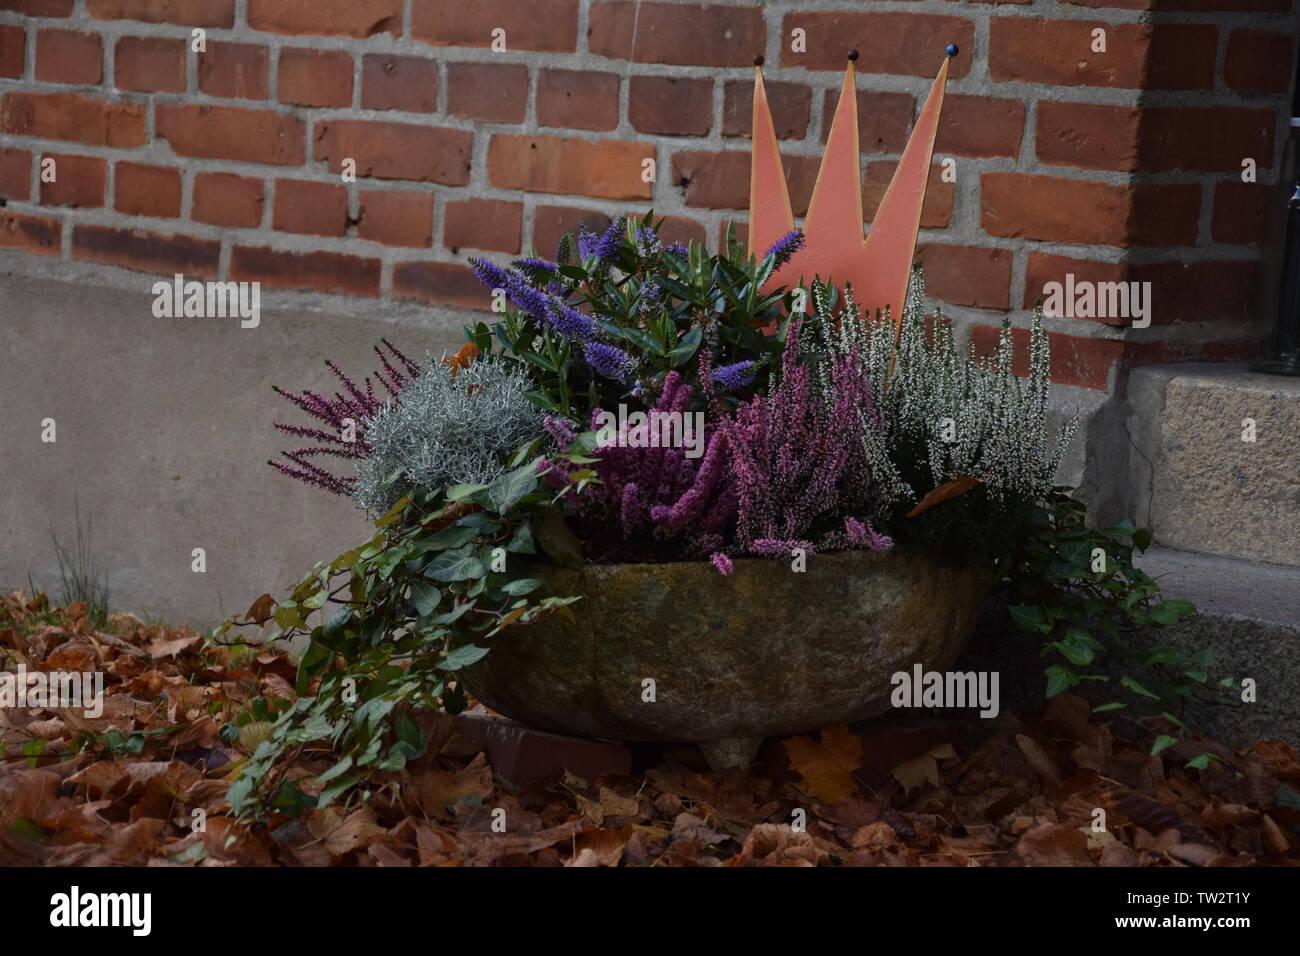 Blumentopf vor einer Hauswand mit Laub im Vordergrund - Stock Image